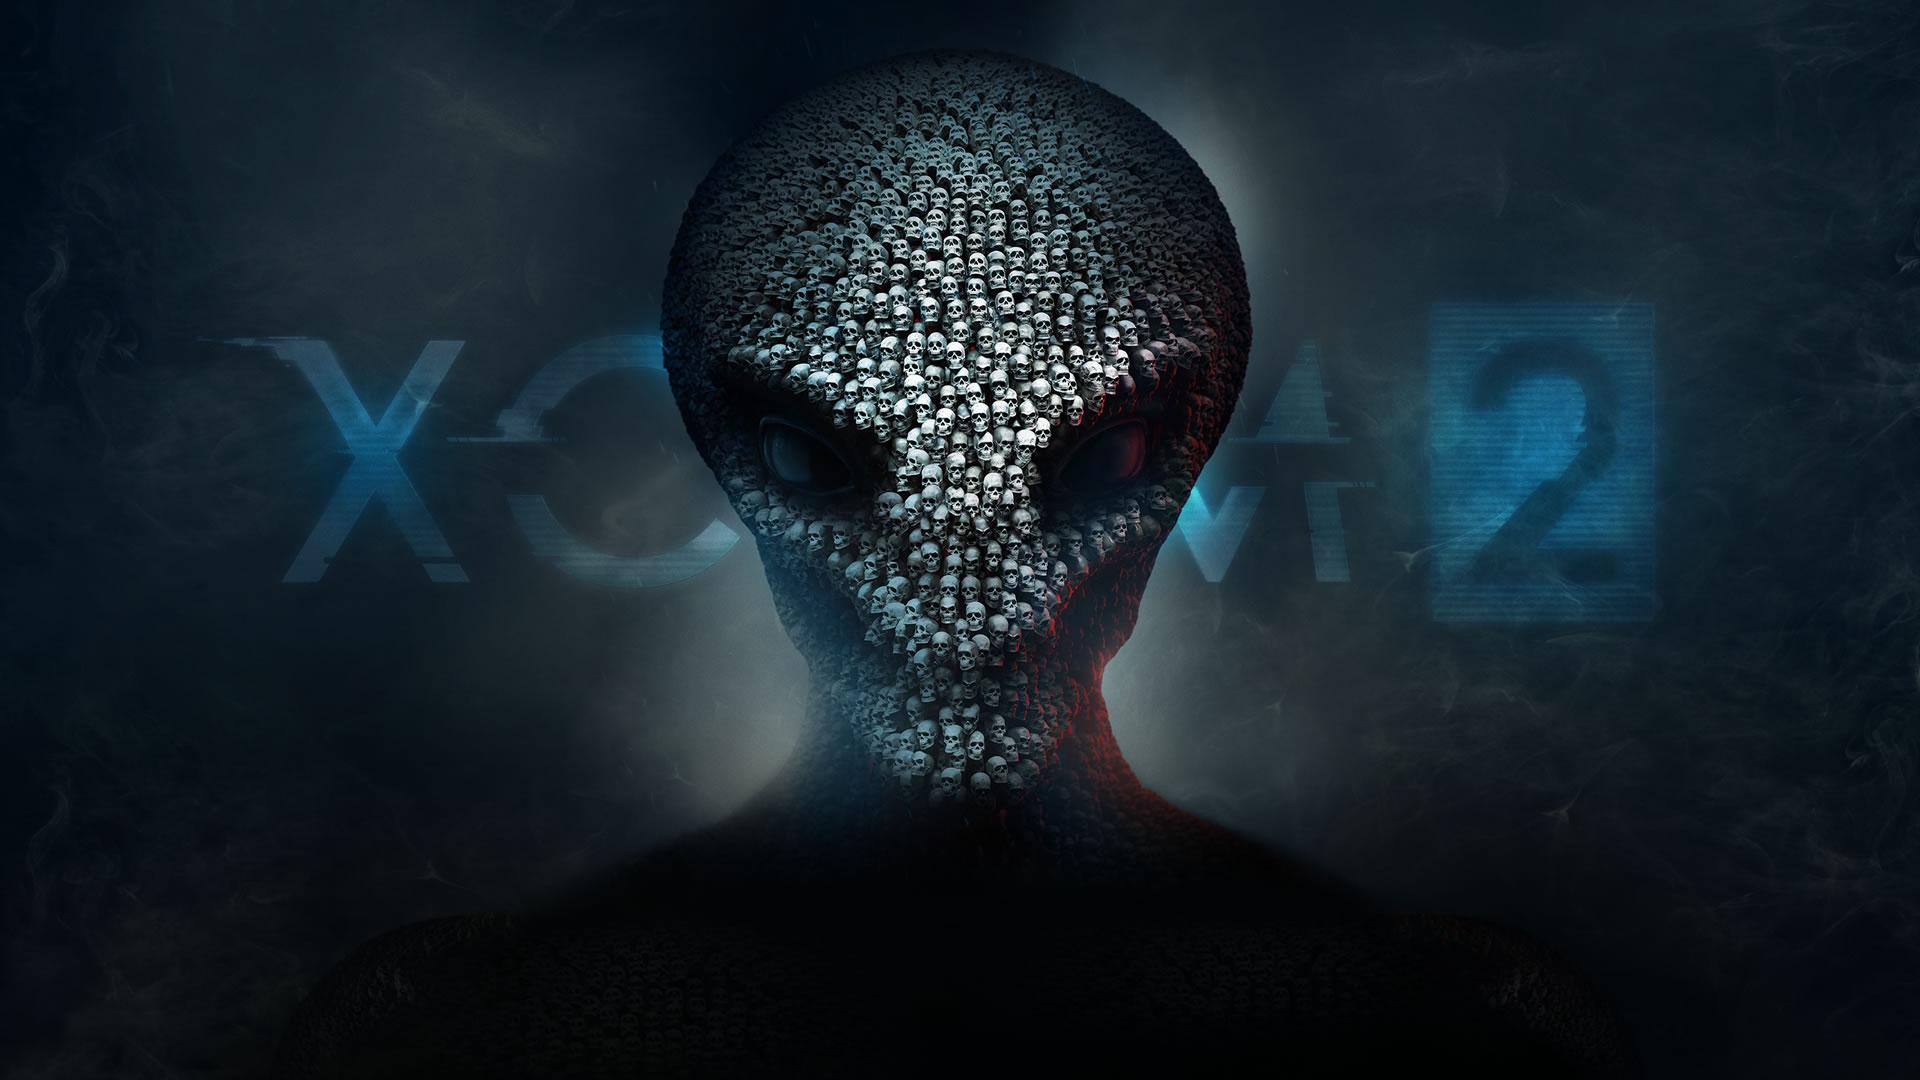 XCOM 2 Guide